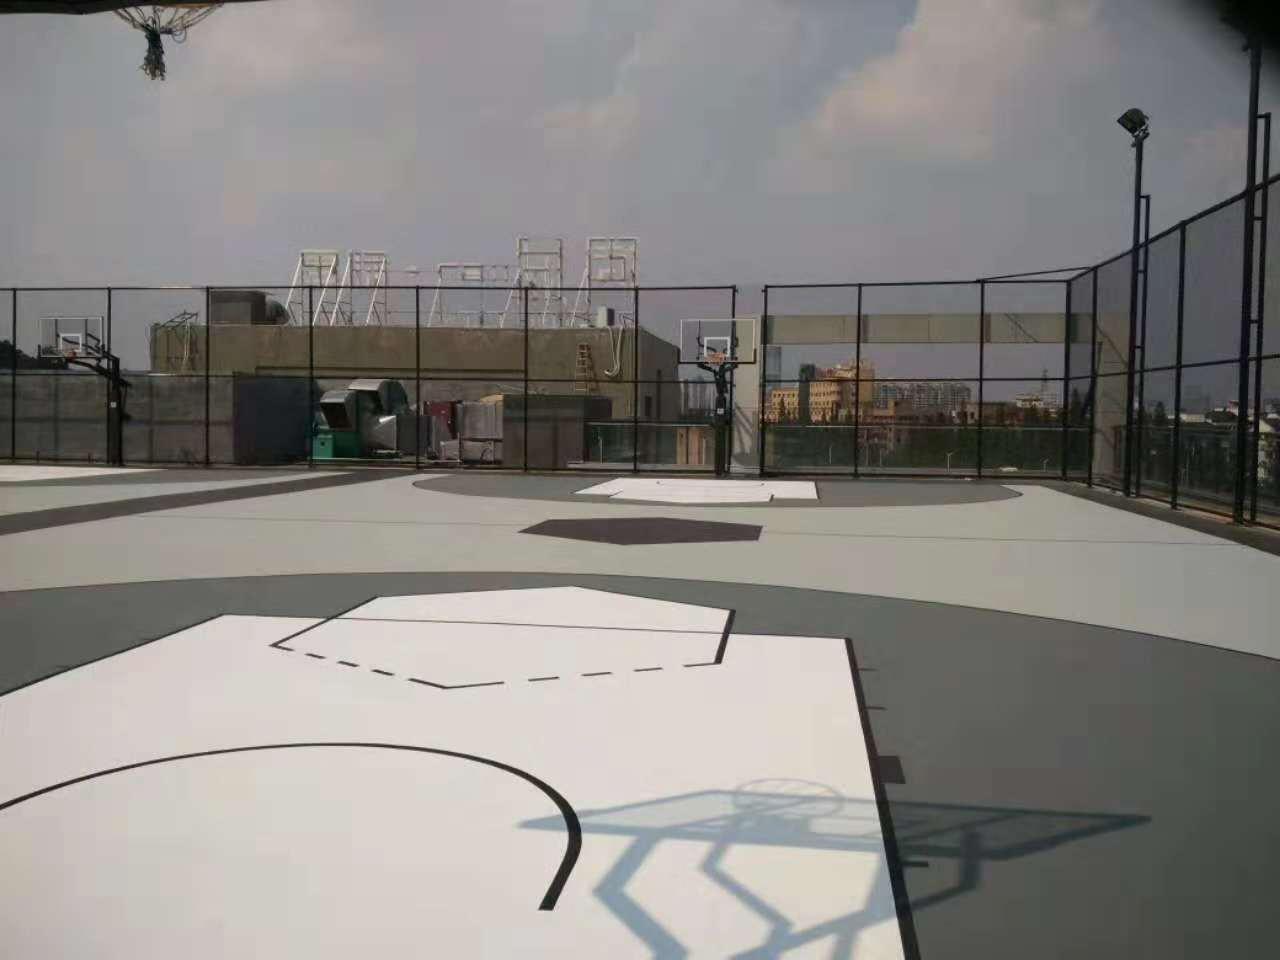 宁波室内篮球场-塑料篮球场-篮球运动场地